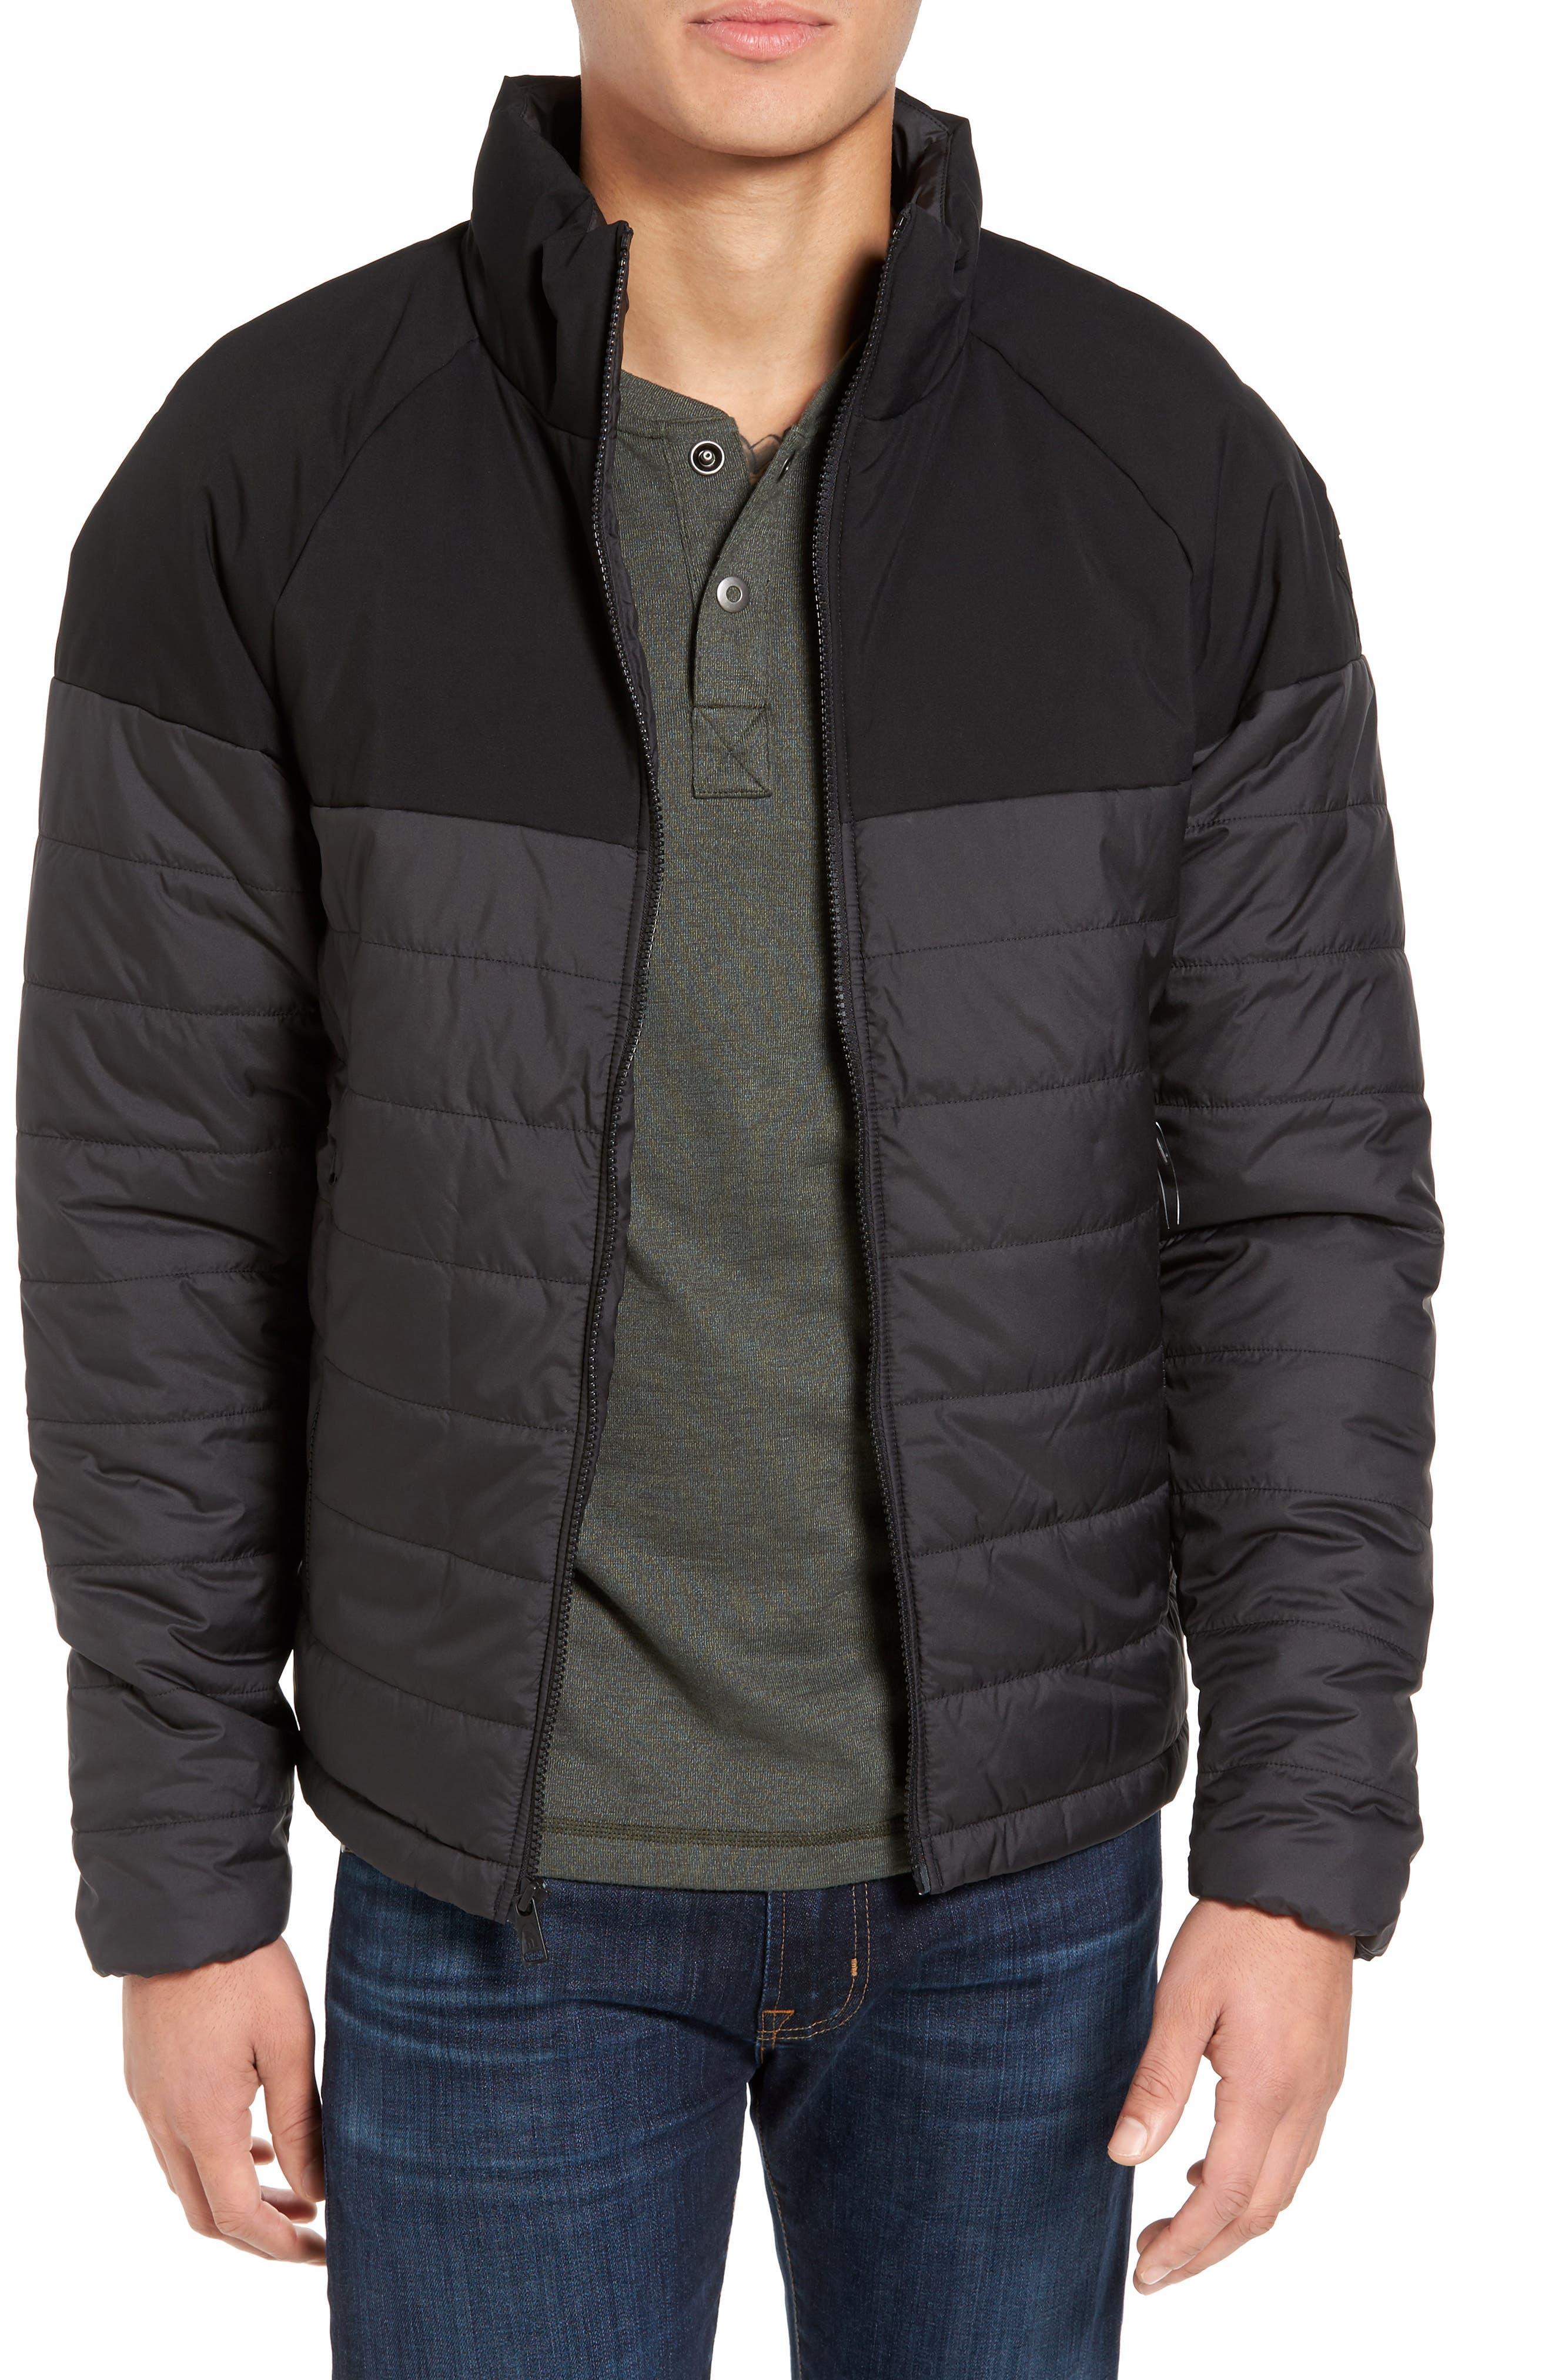 Skokie Jacket,                         Main,                         color, 001